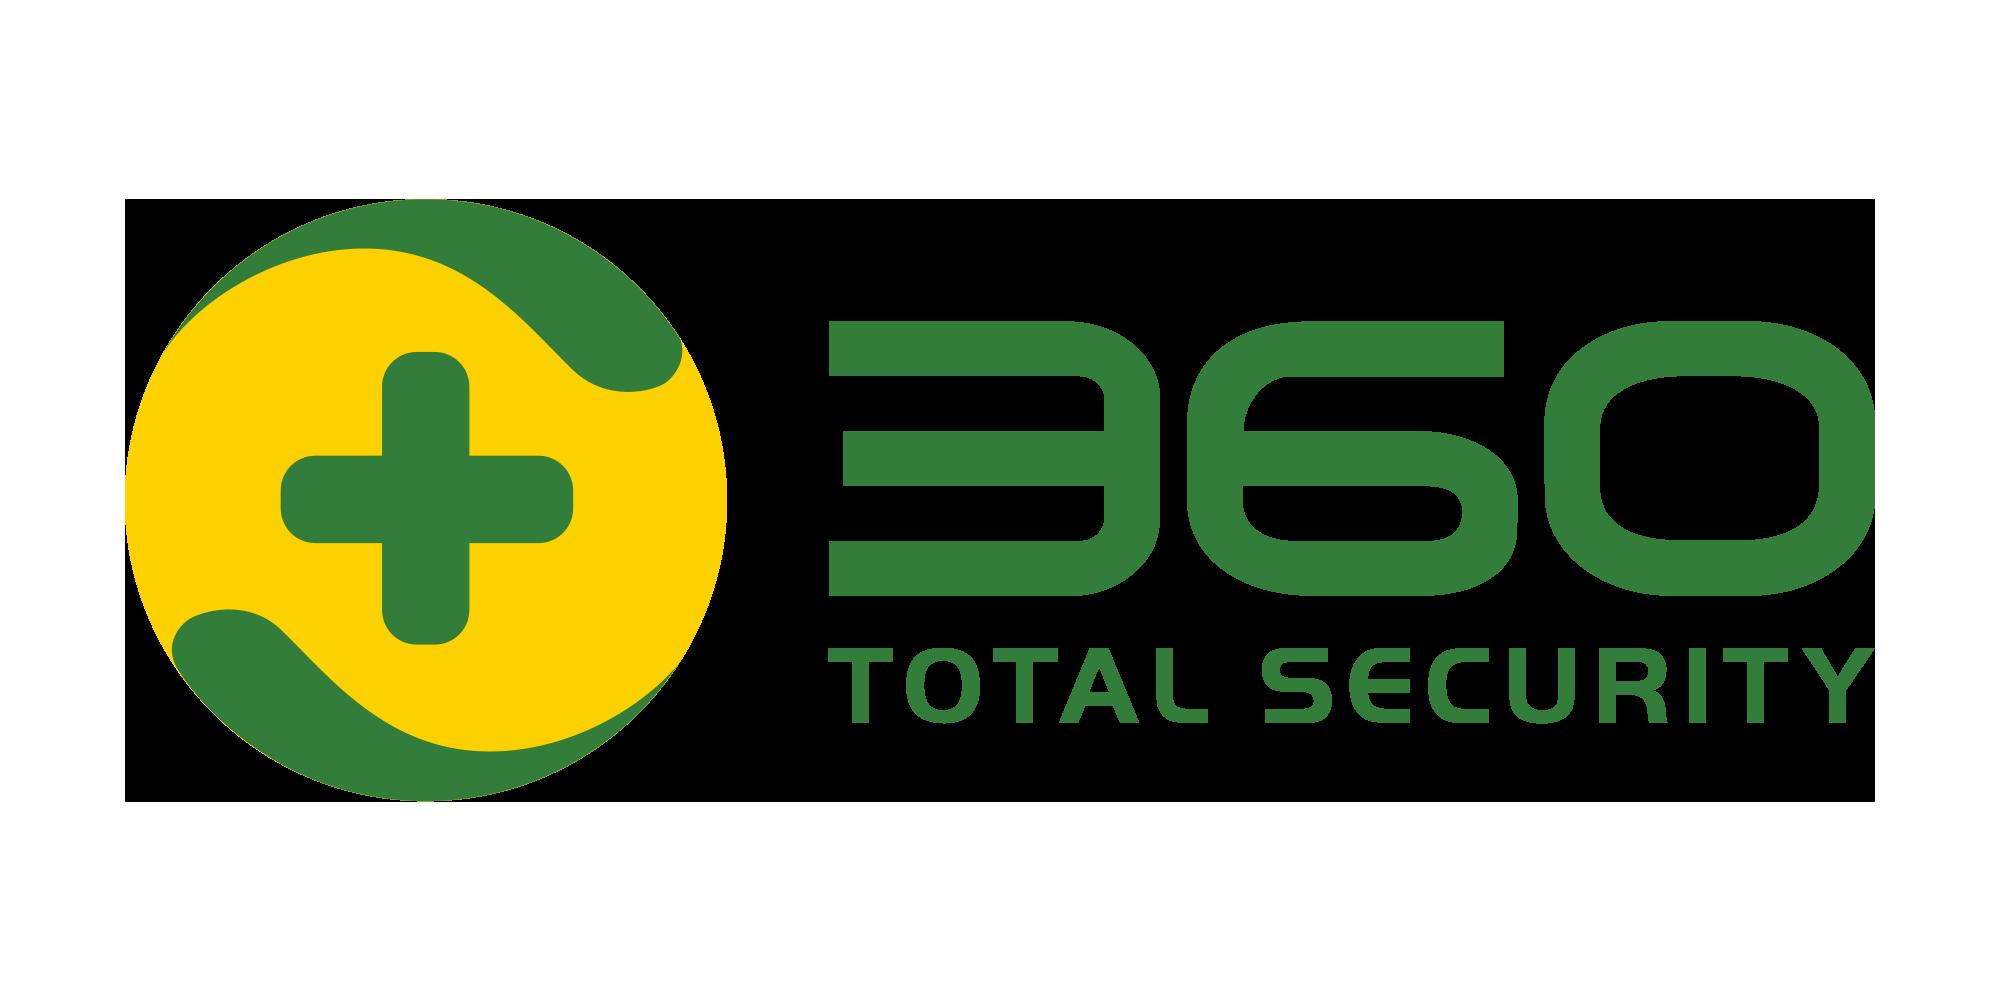 360 Total Security 10.8.0.1030 [Antivirus Fiable] [Multilenguaje] [UL.IO] 8bd1617466c5cdc24e71e243f21c6f5e